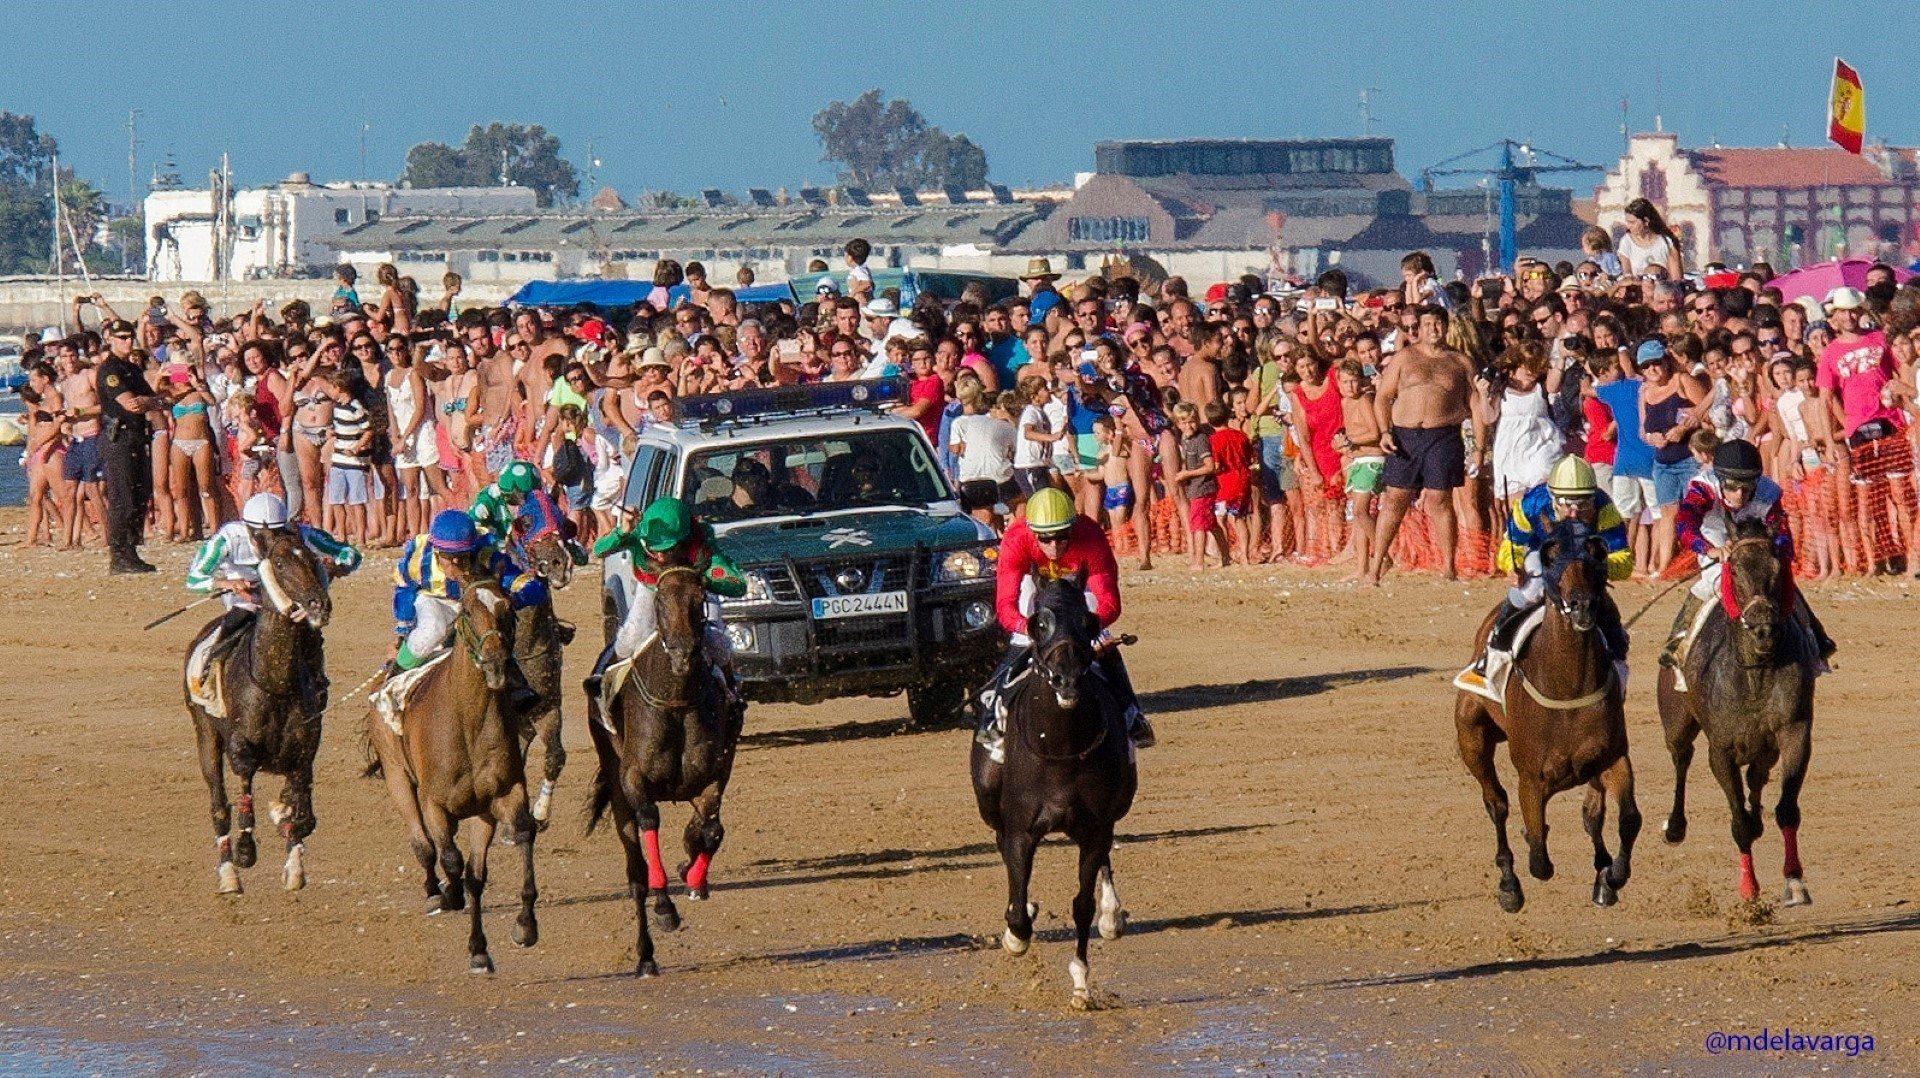 Carreras de caballos en Sanlúcar de Barrameda durante el verano